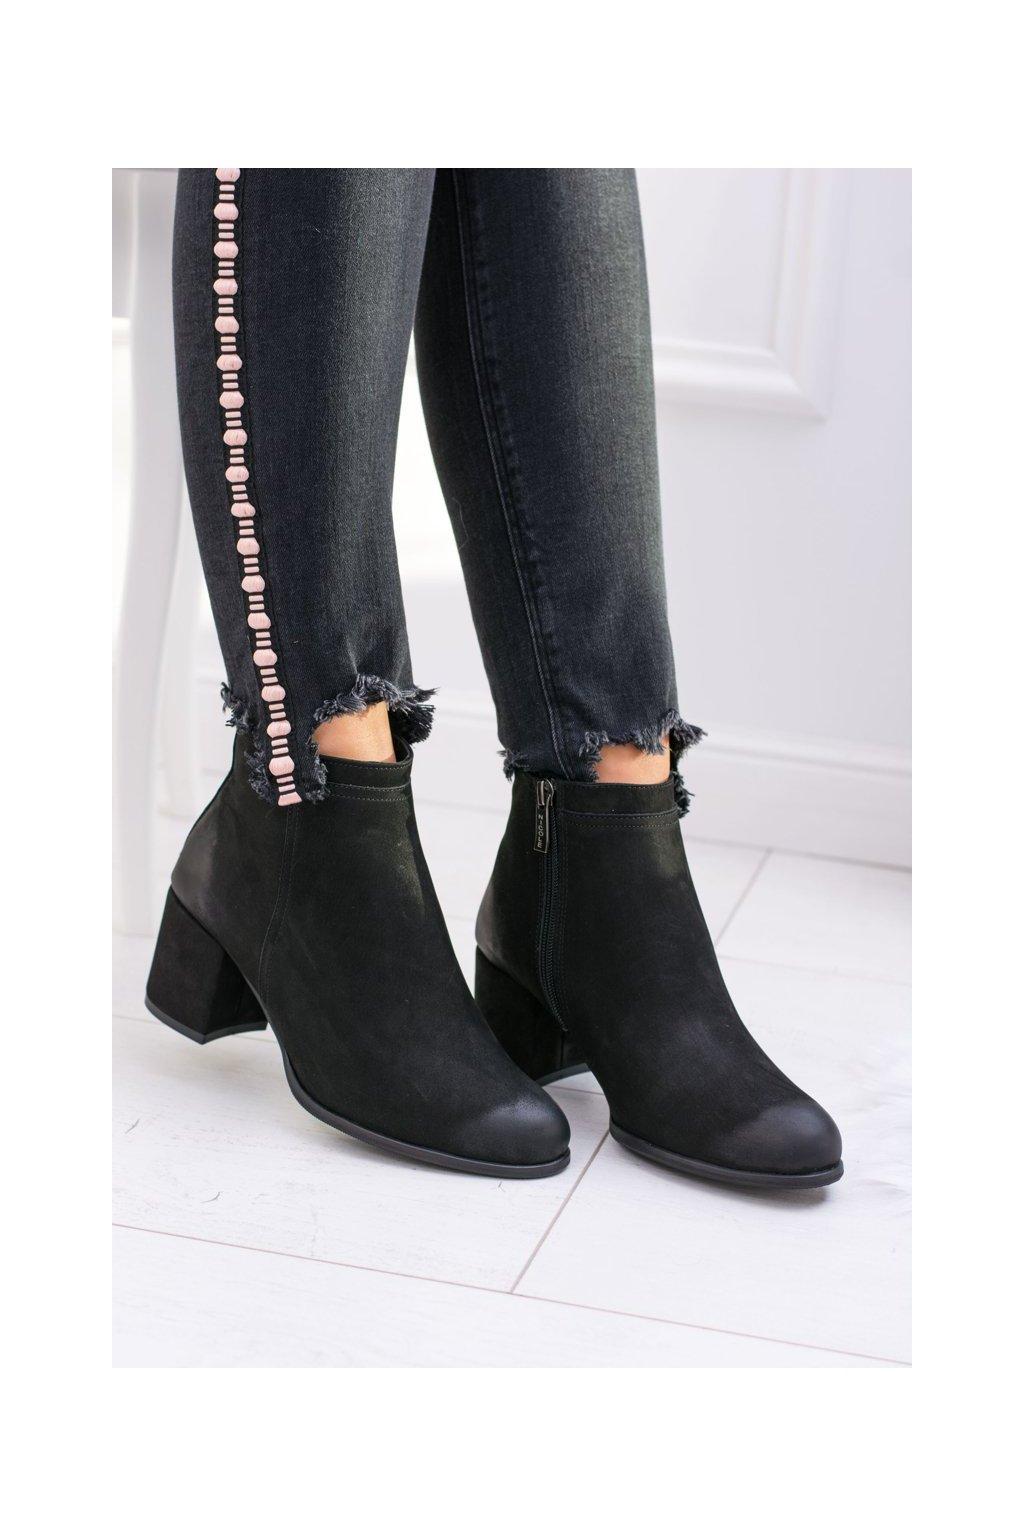 Členkové topánky na podpätku farba čierna kód obuvi 2303 BLK